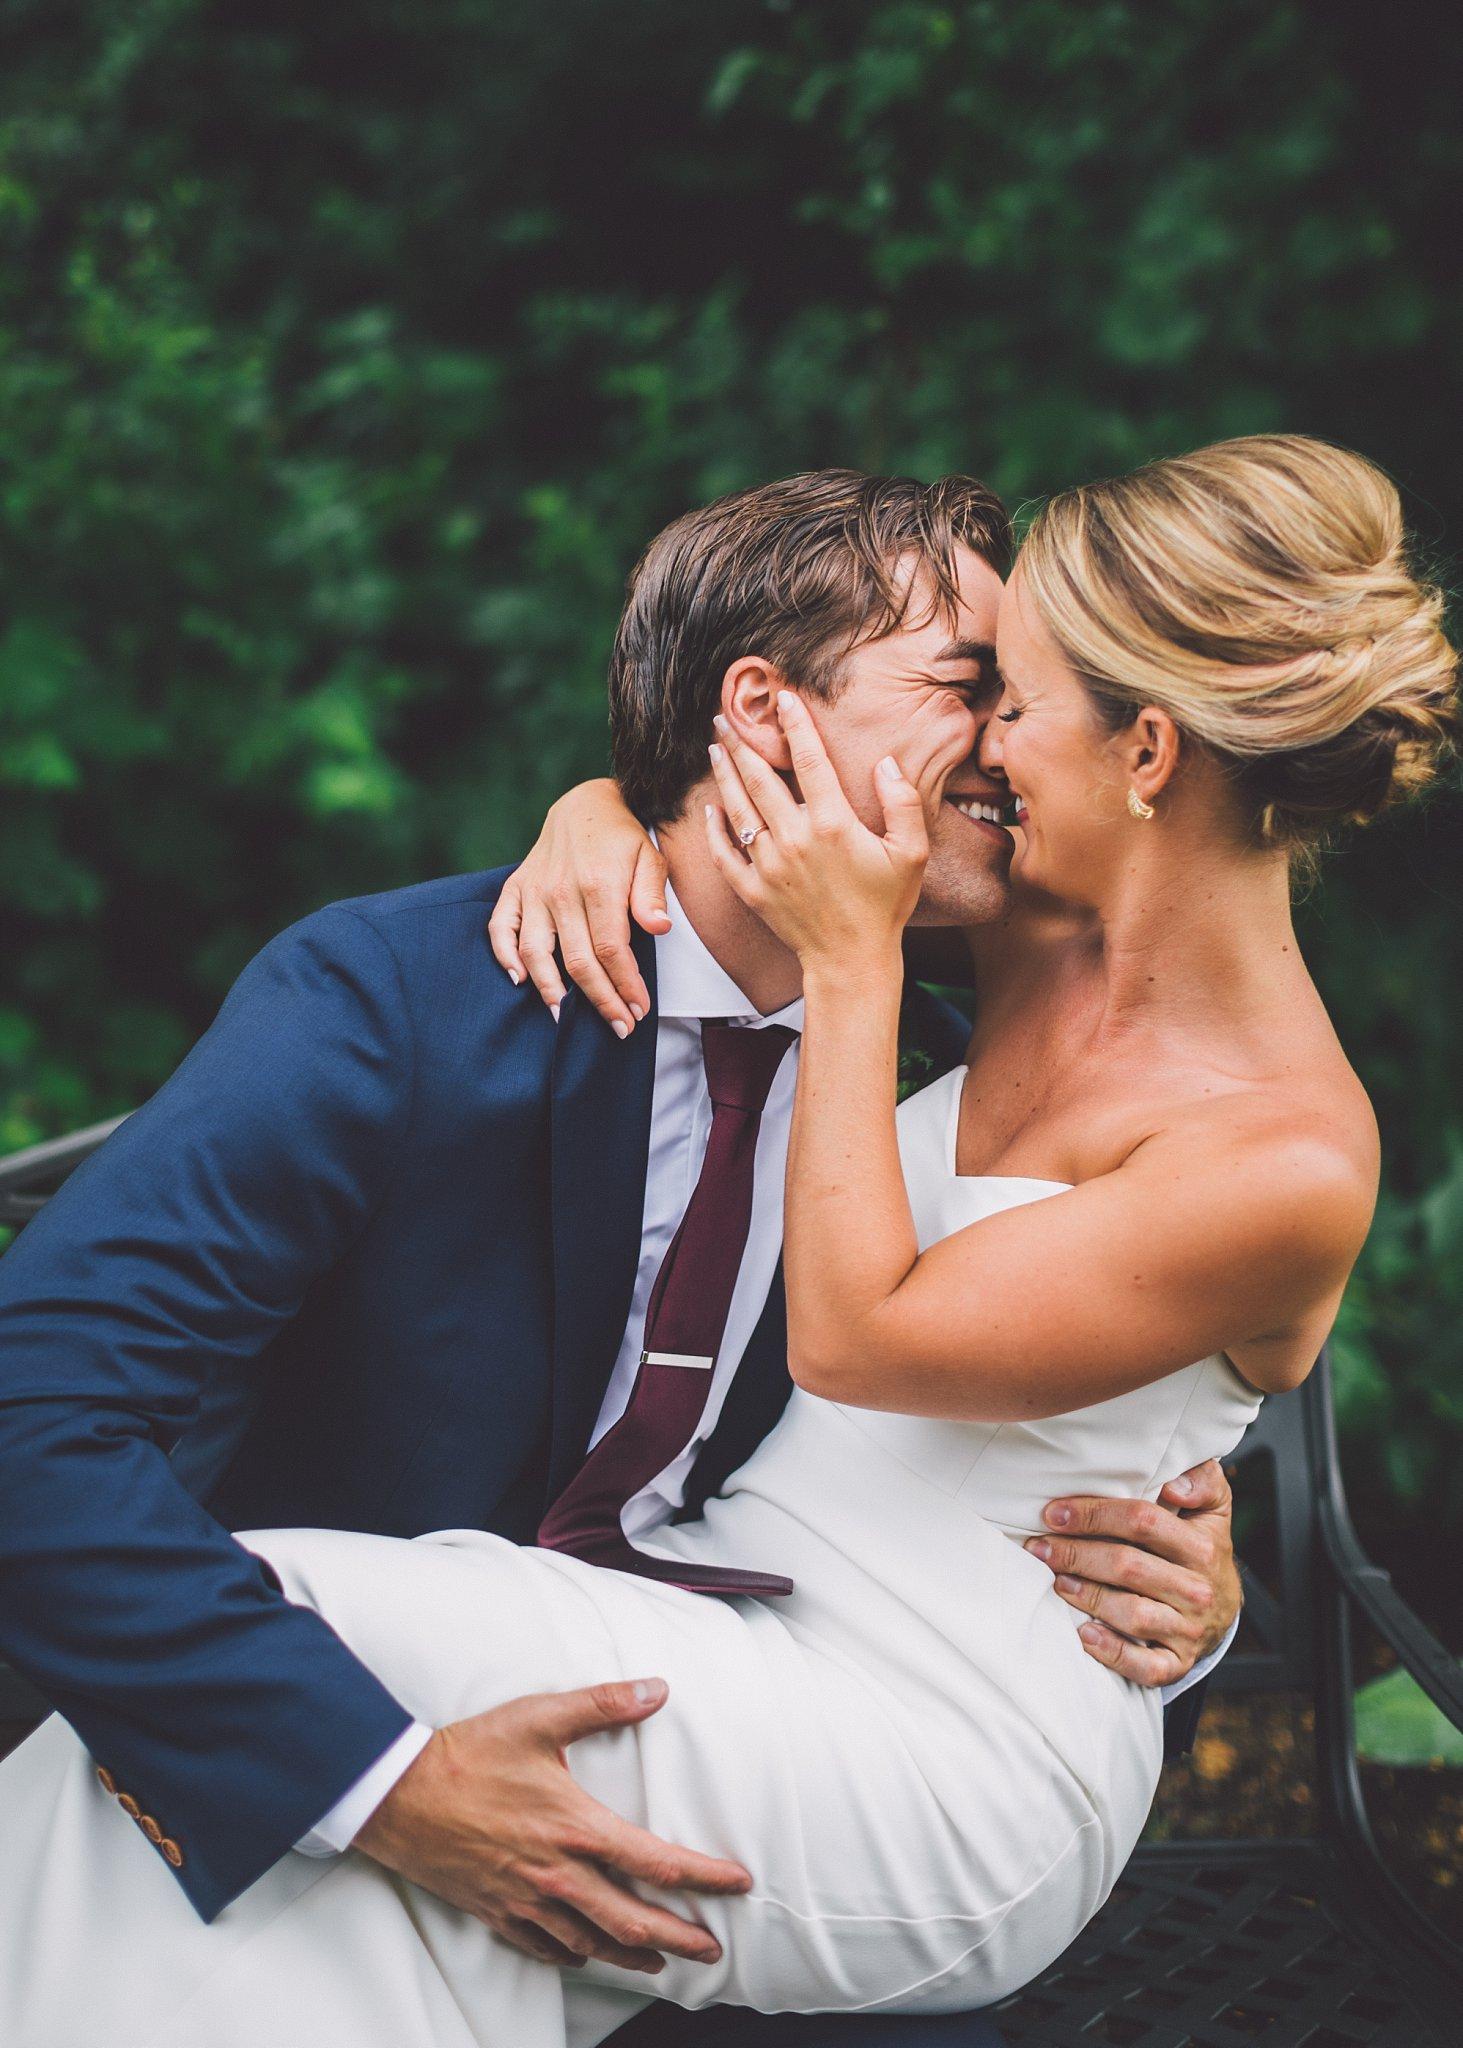 finger lakes wedding photography larkin and trevor_0165.jpg